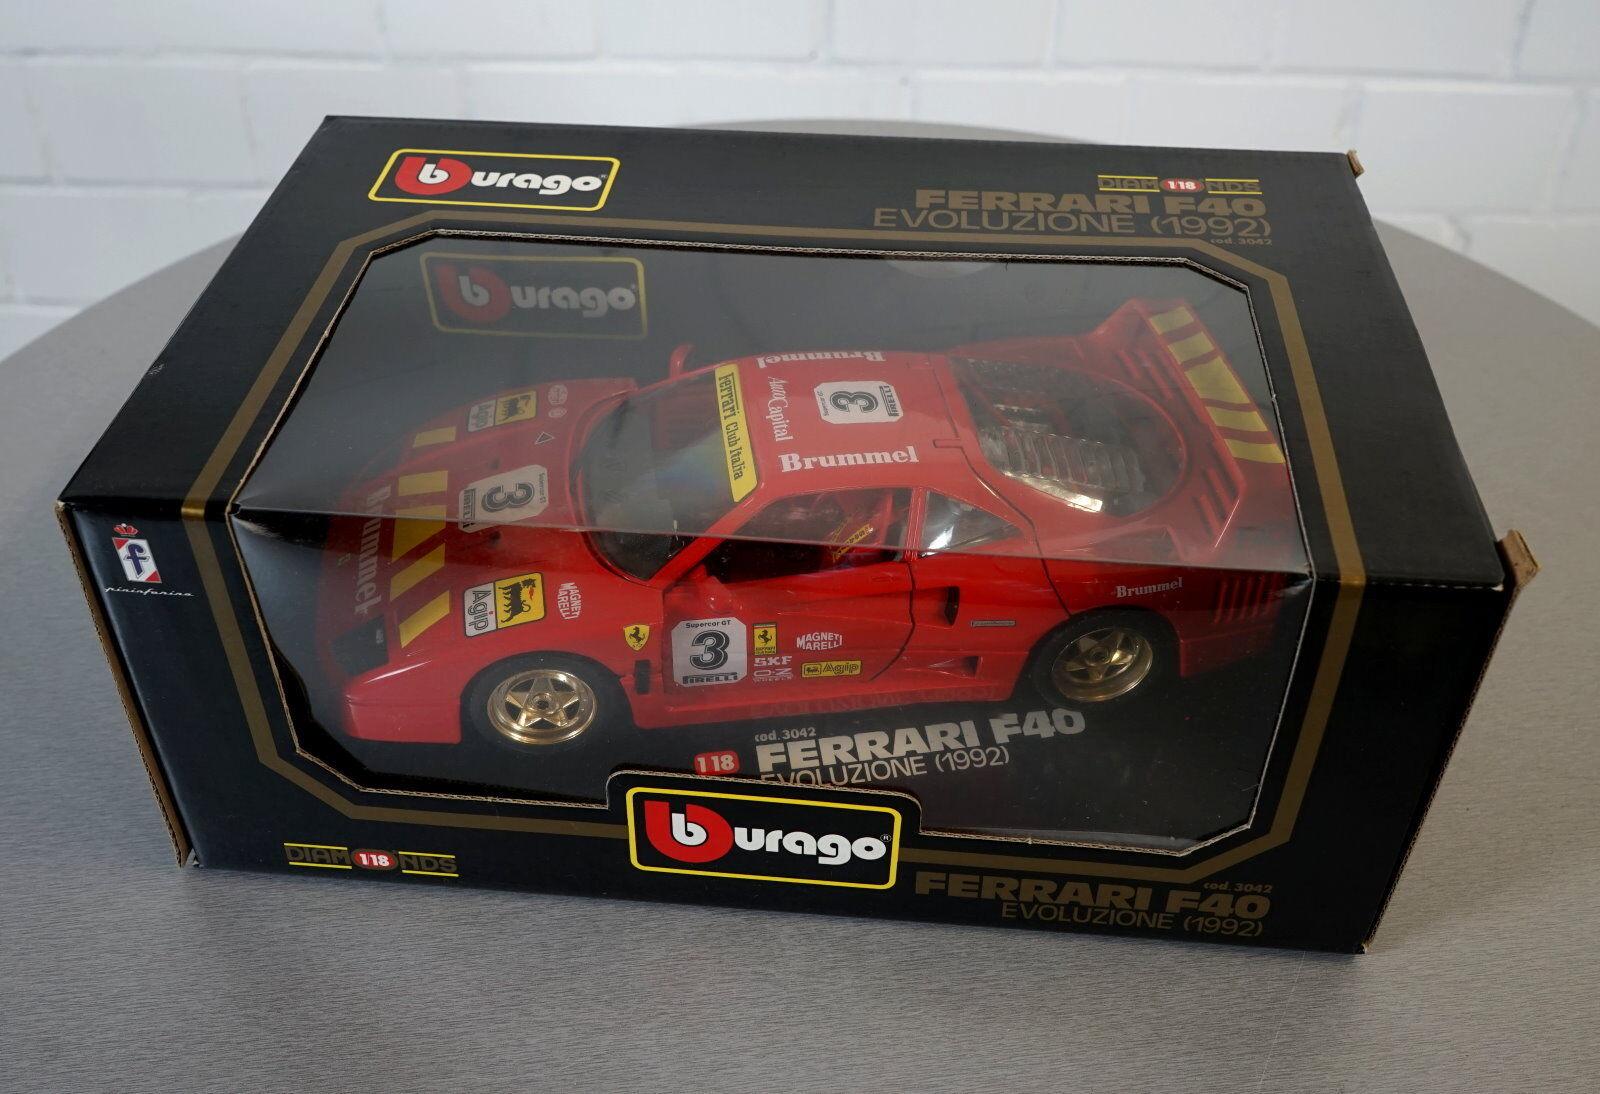 Burago 1 18 ferrari f40 evoluzione 1992 rosso -3042 - la-Cast modelo coche nuevo embalaje original